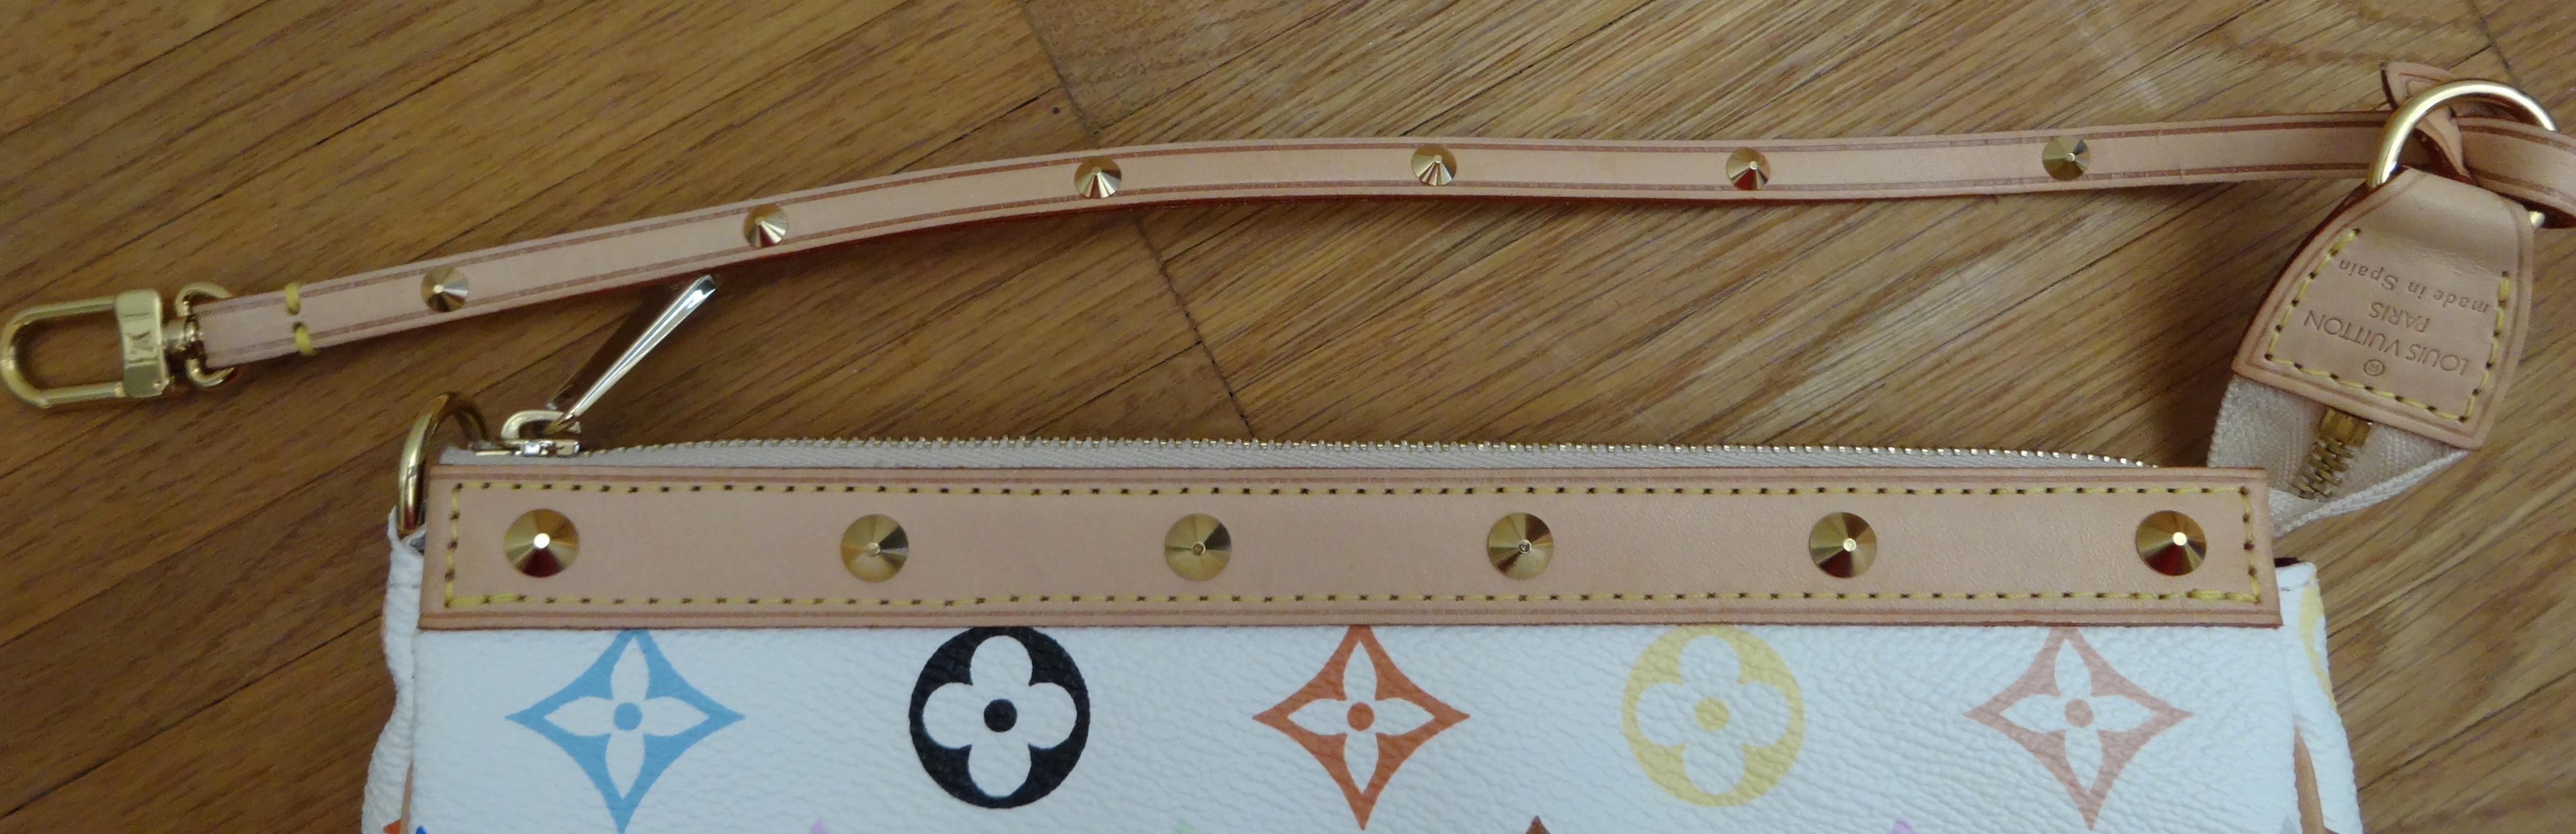 border of LV Multicolore Pochette Accessoires